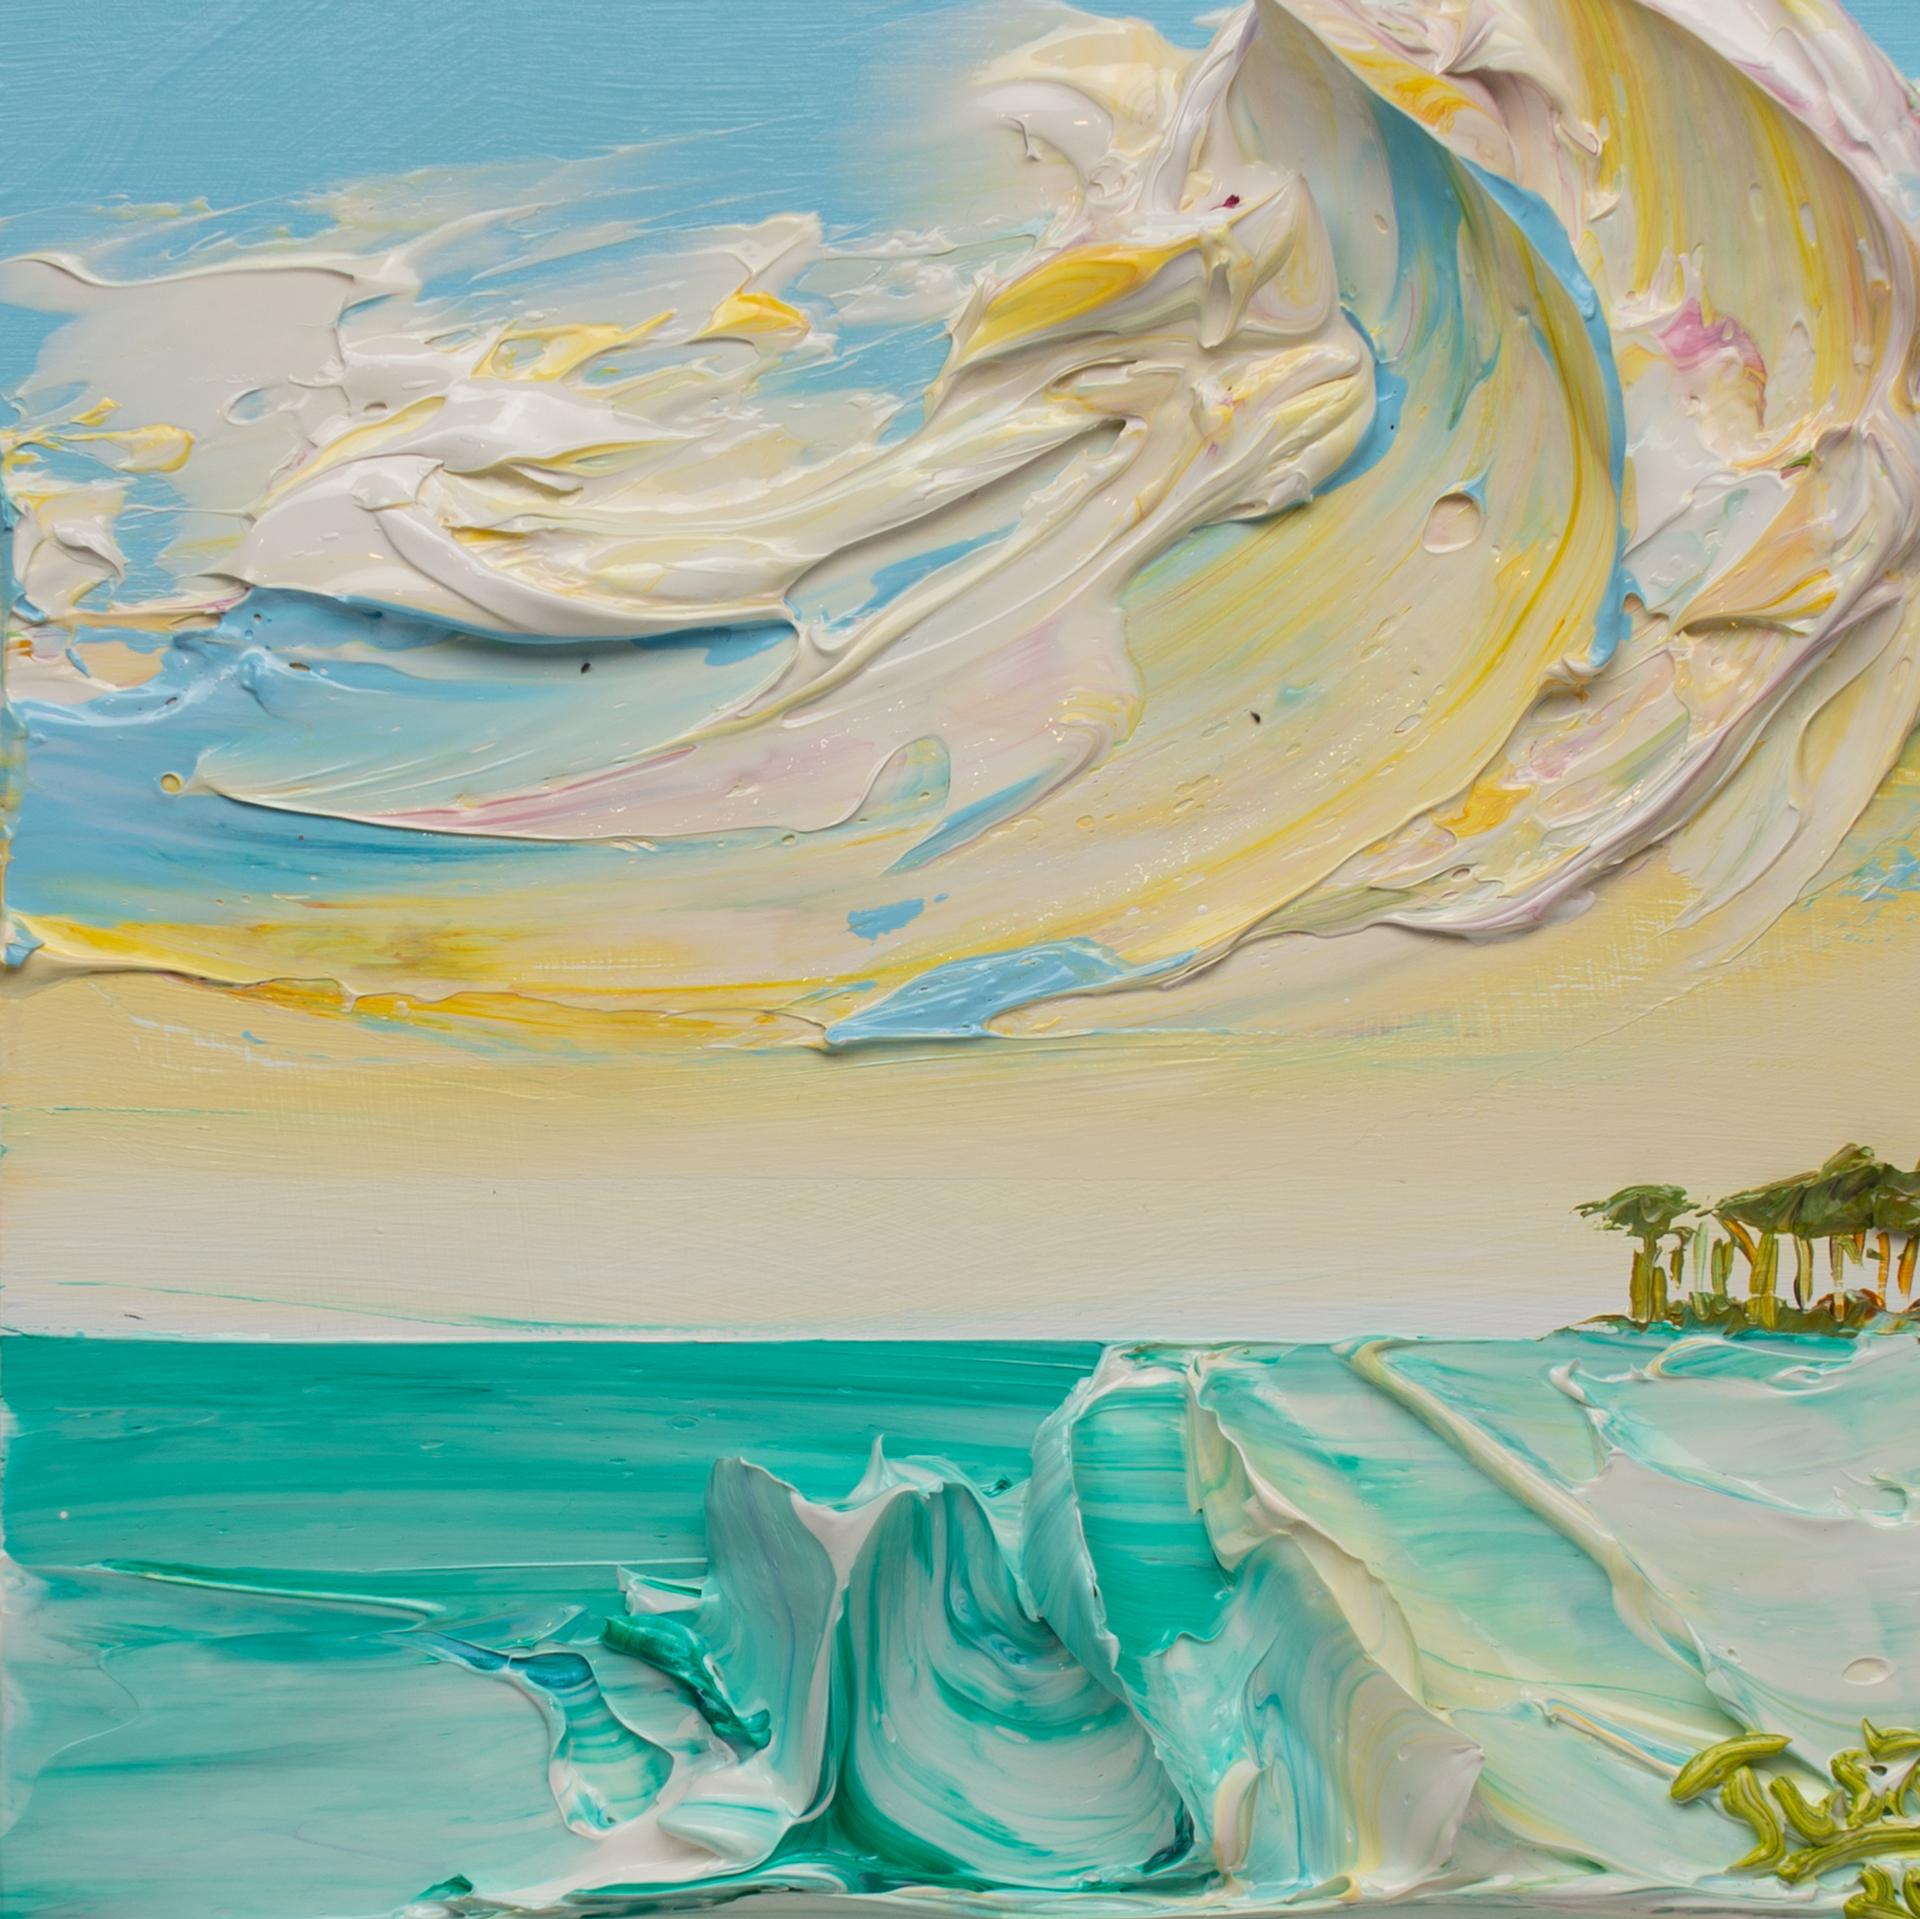 SEASCAPE SS-12x12-2020-069 by JUSTIN GAFFREY